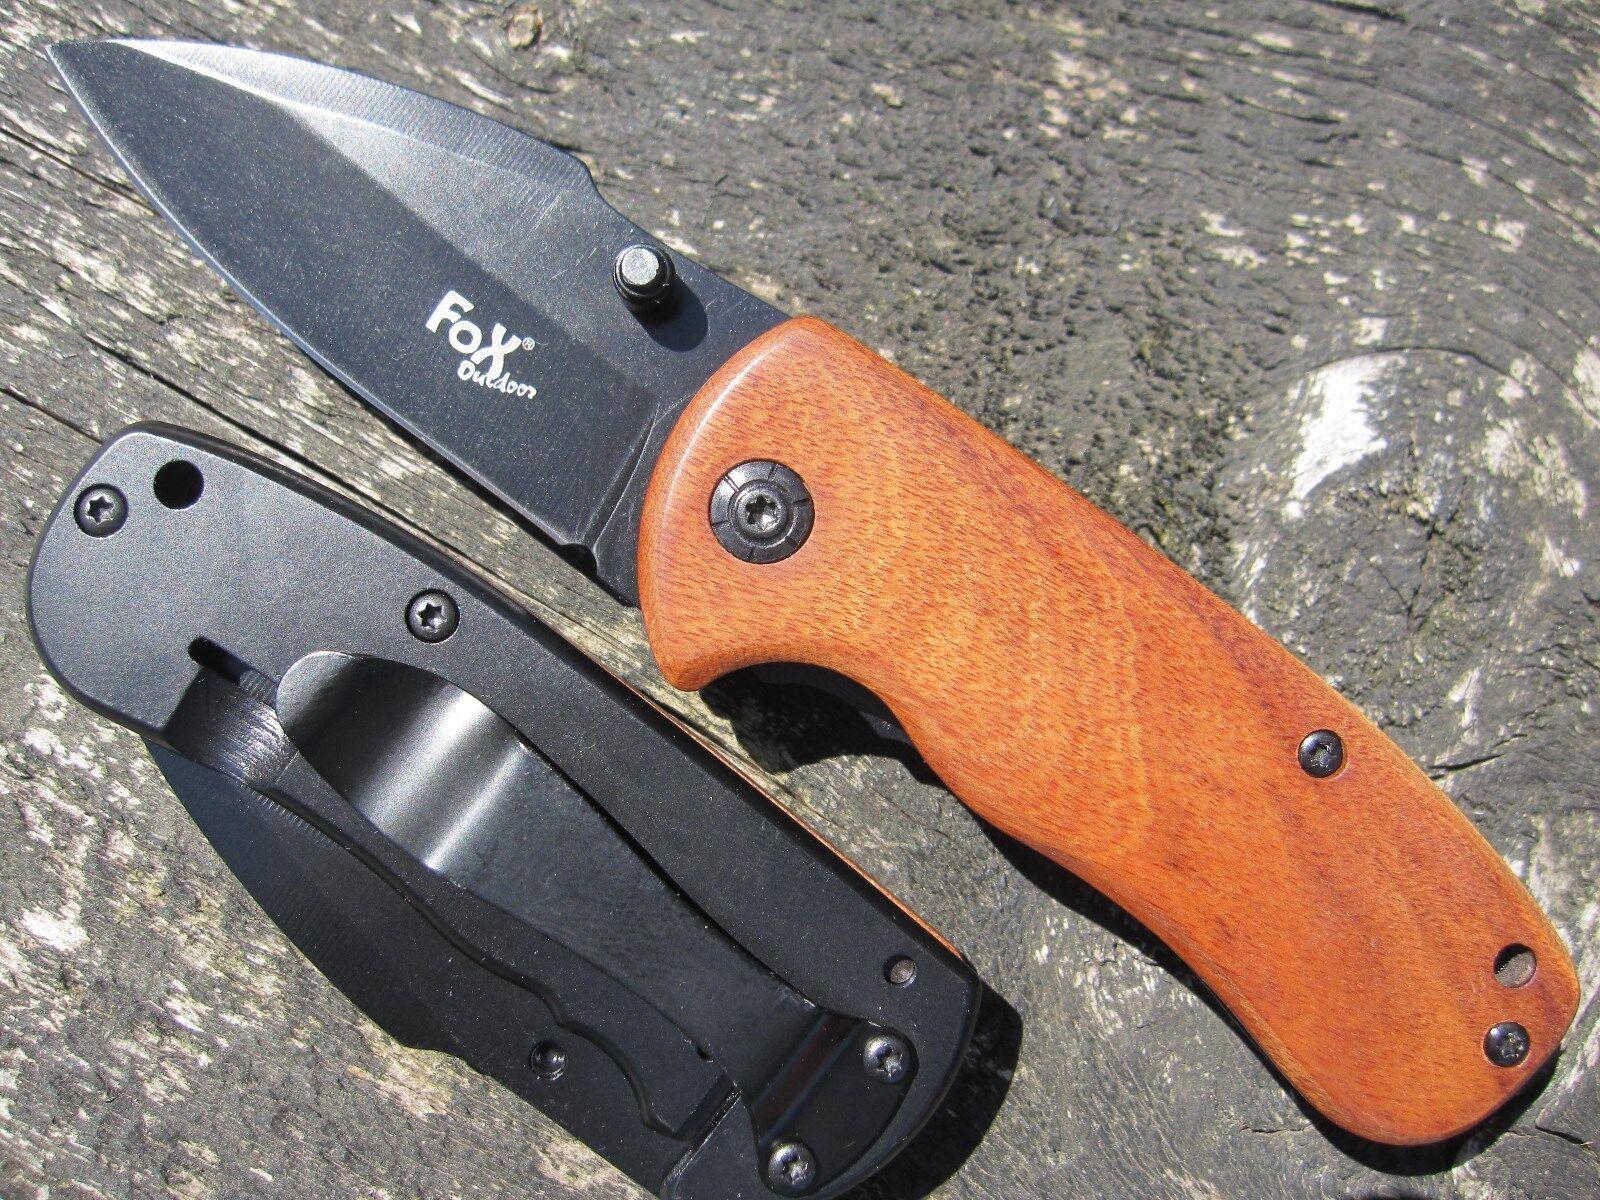 Fox Outdoor couteau Couteau canif couteau Outdoor pliant escamotable Couteau inoxydable avec clip 906b1c